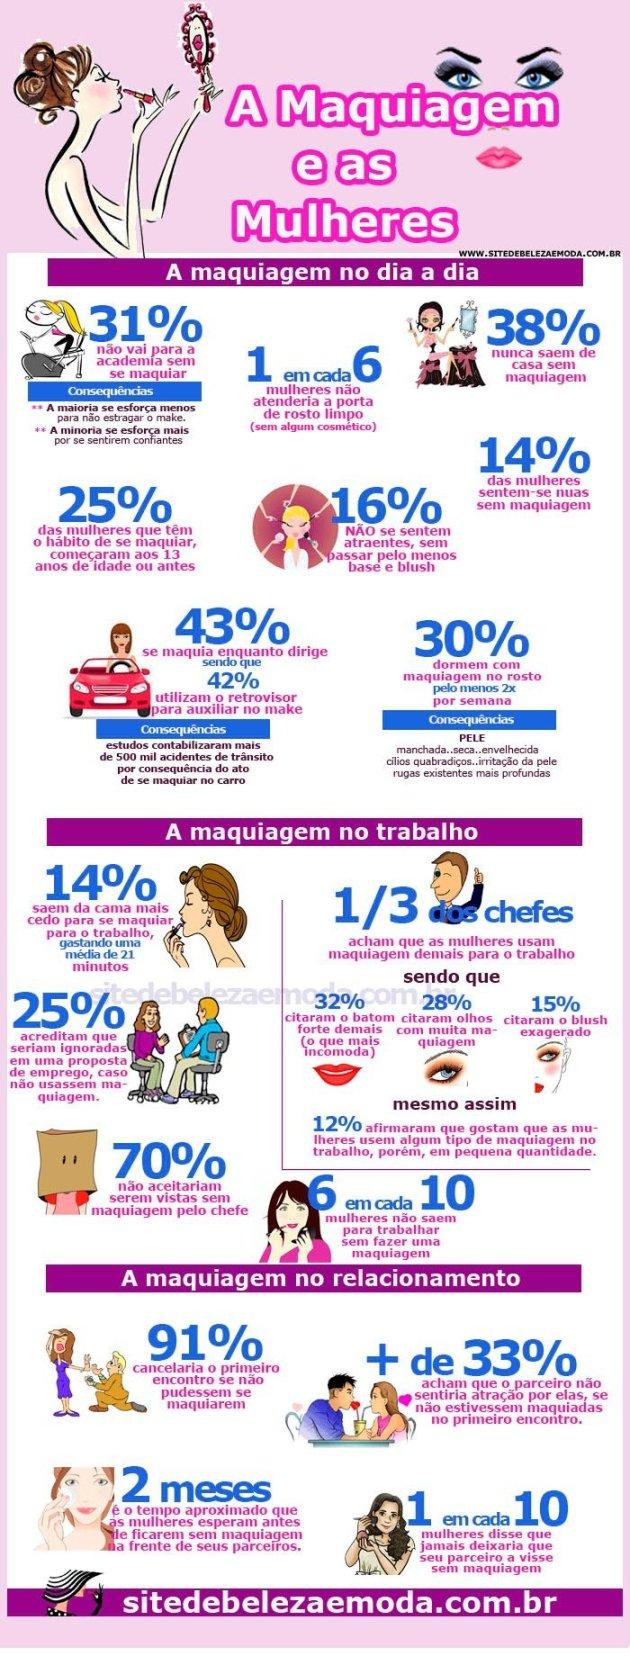 Infográfico revela como e quando as mulheres usam maquiagem